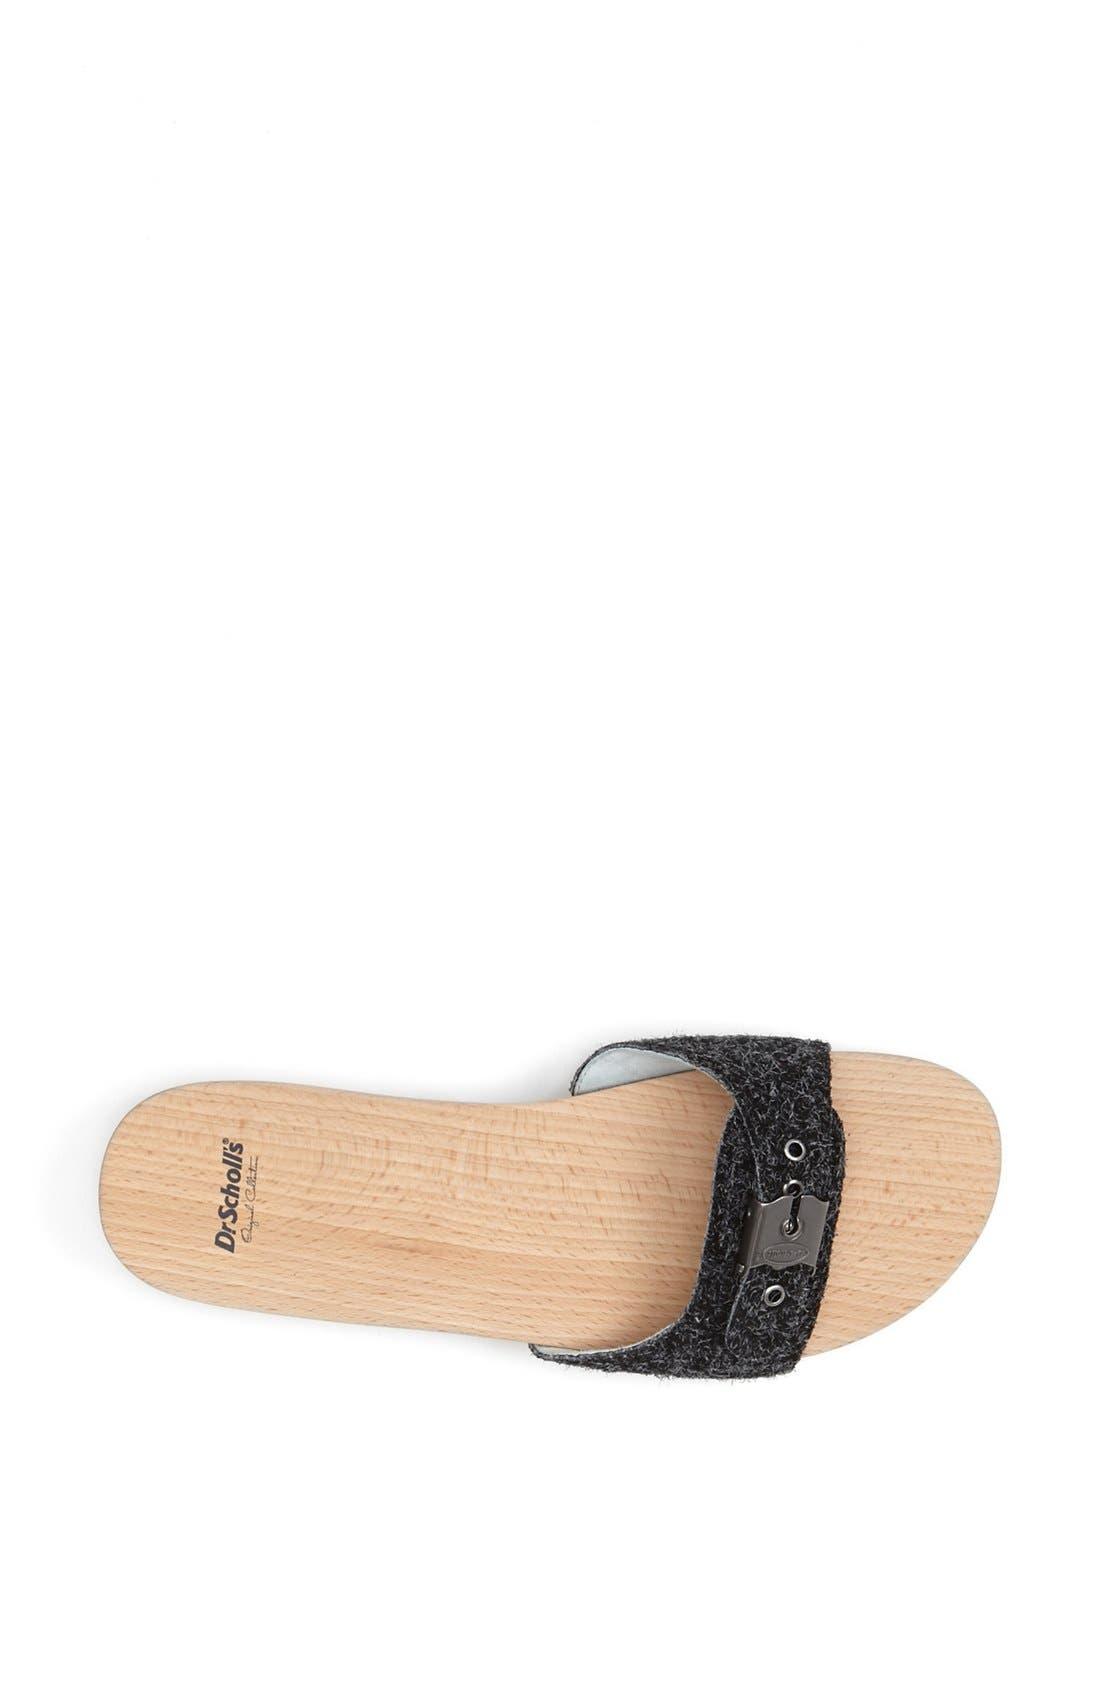 Alternate Image 3  - Dr. Scholl's 'Original' Sandal